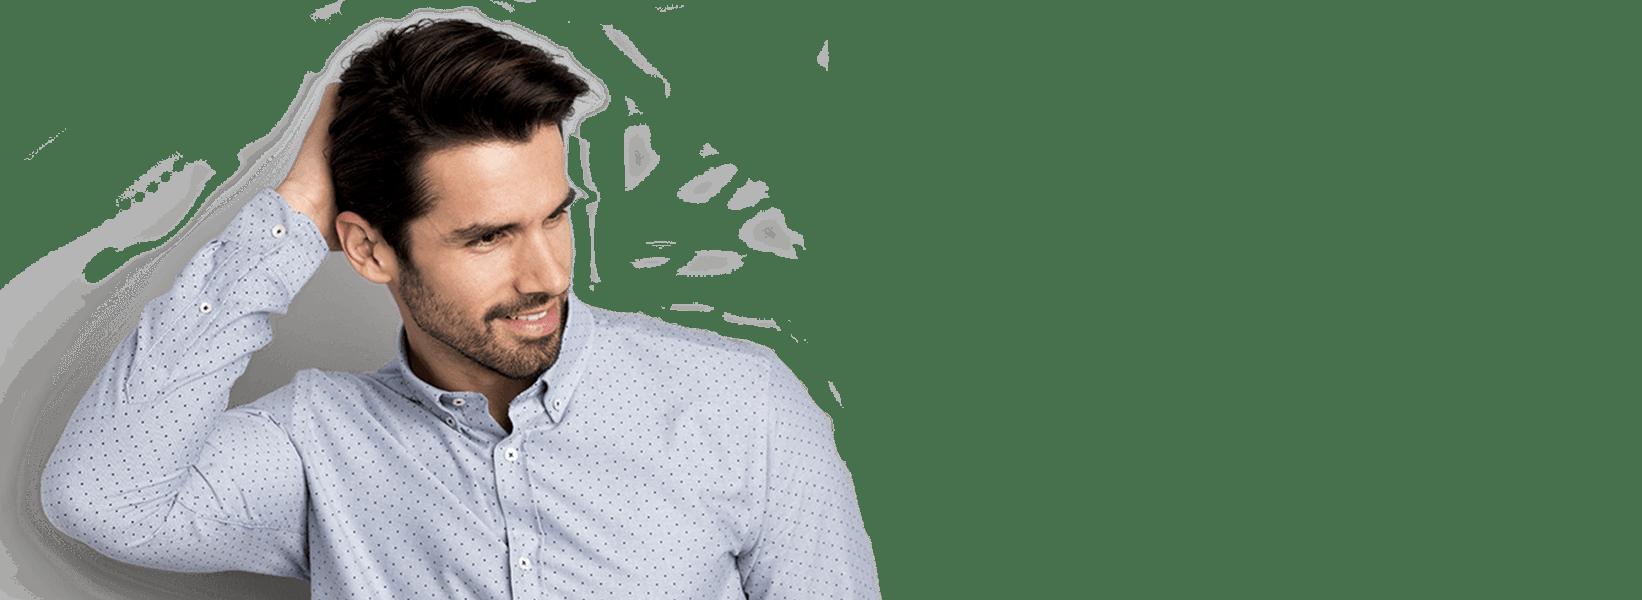 Coiffeur Marija Haare schneiden rorschach herren styling